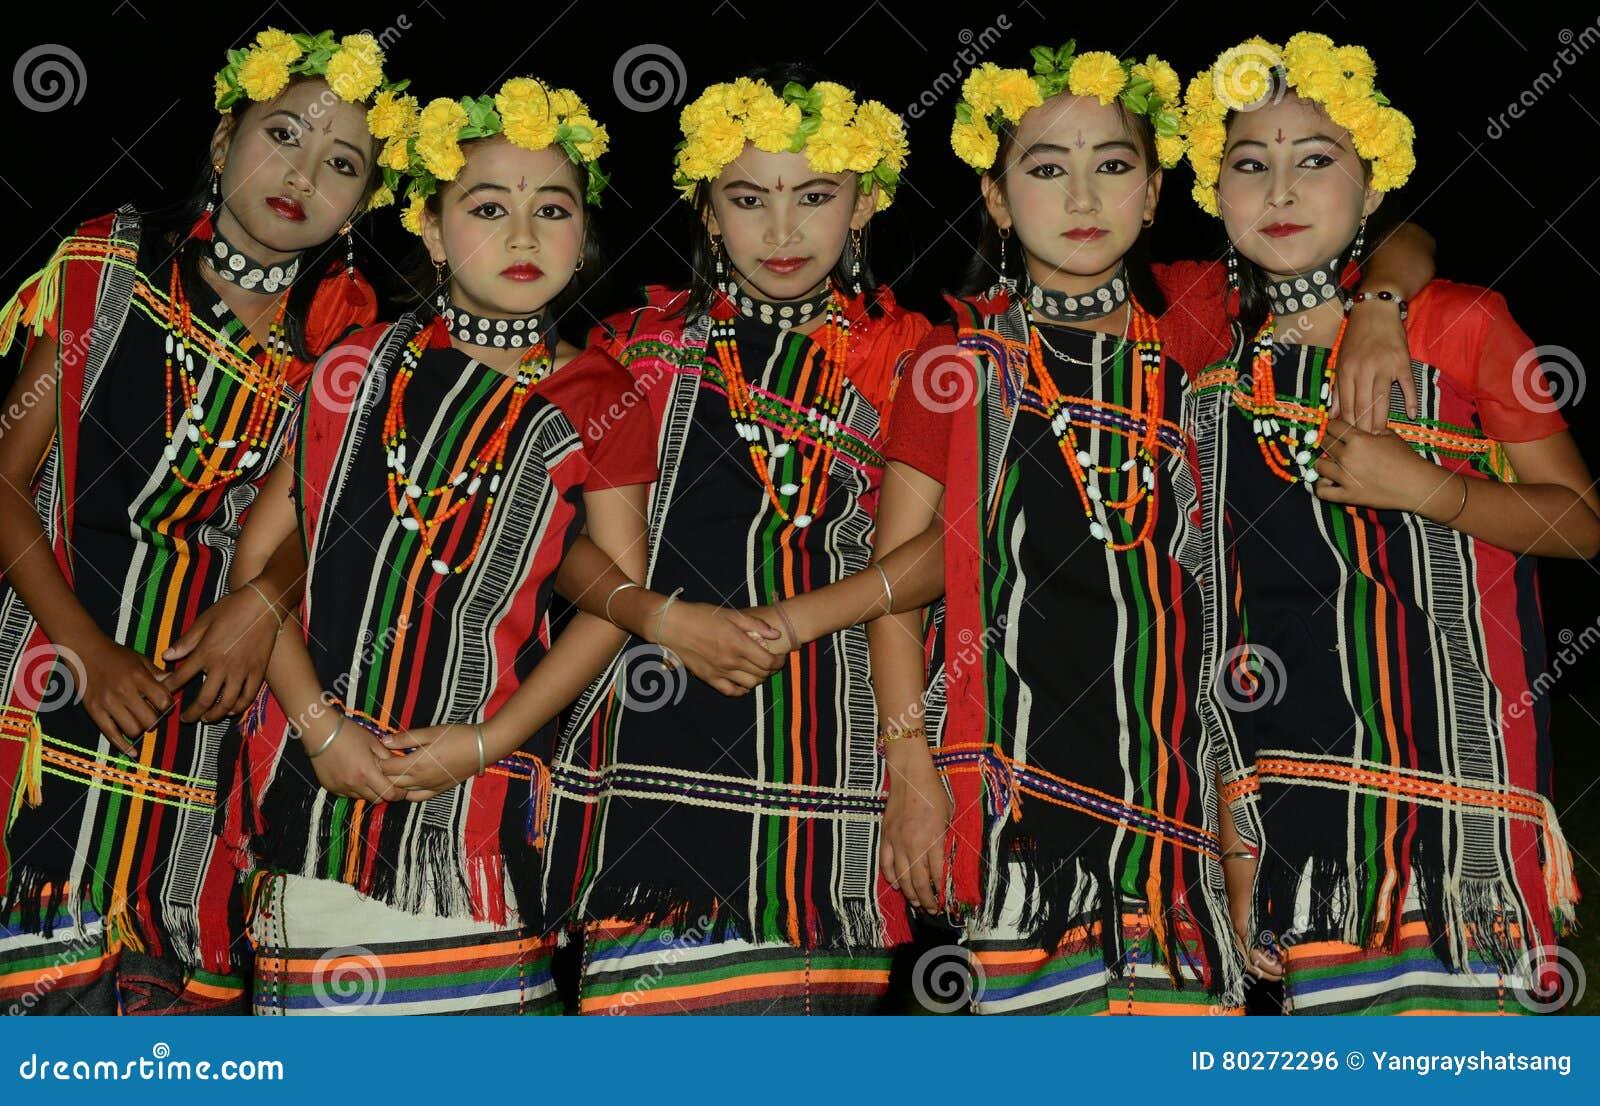 Małe dziewczynki w etnicznym ubiorze zadawalać tradycyjnych bóstwa